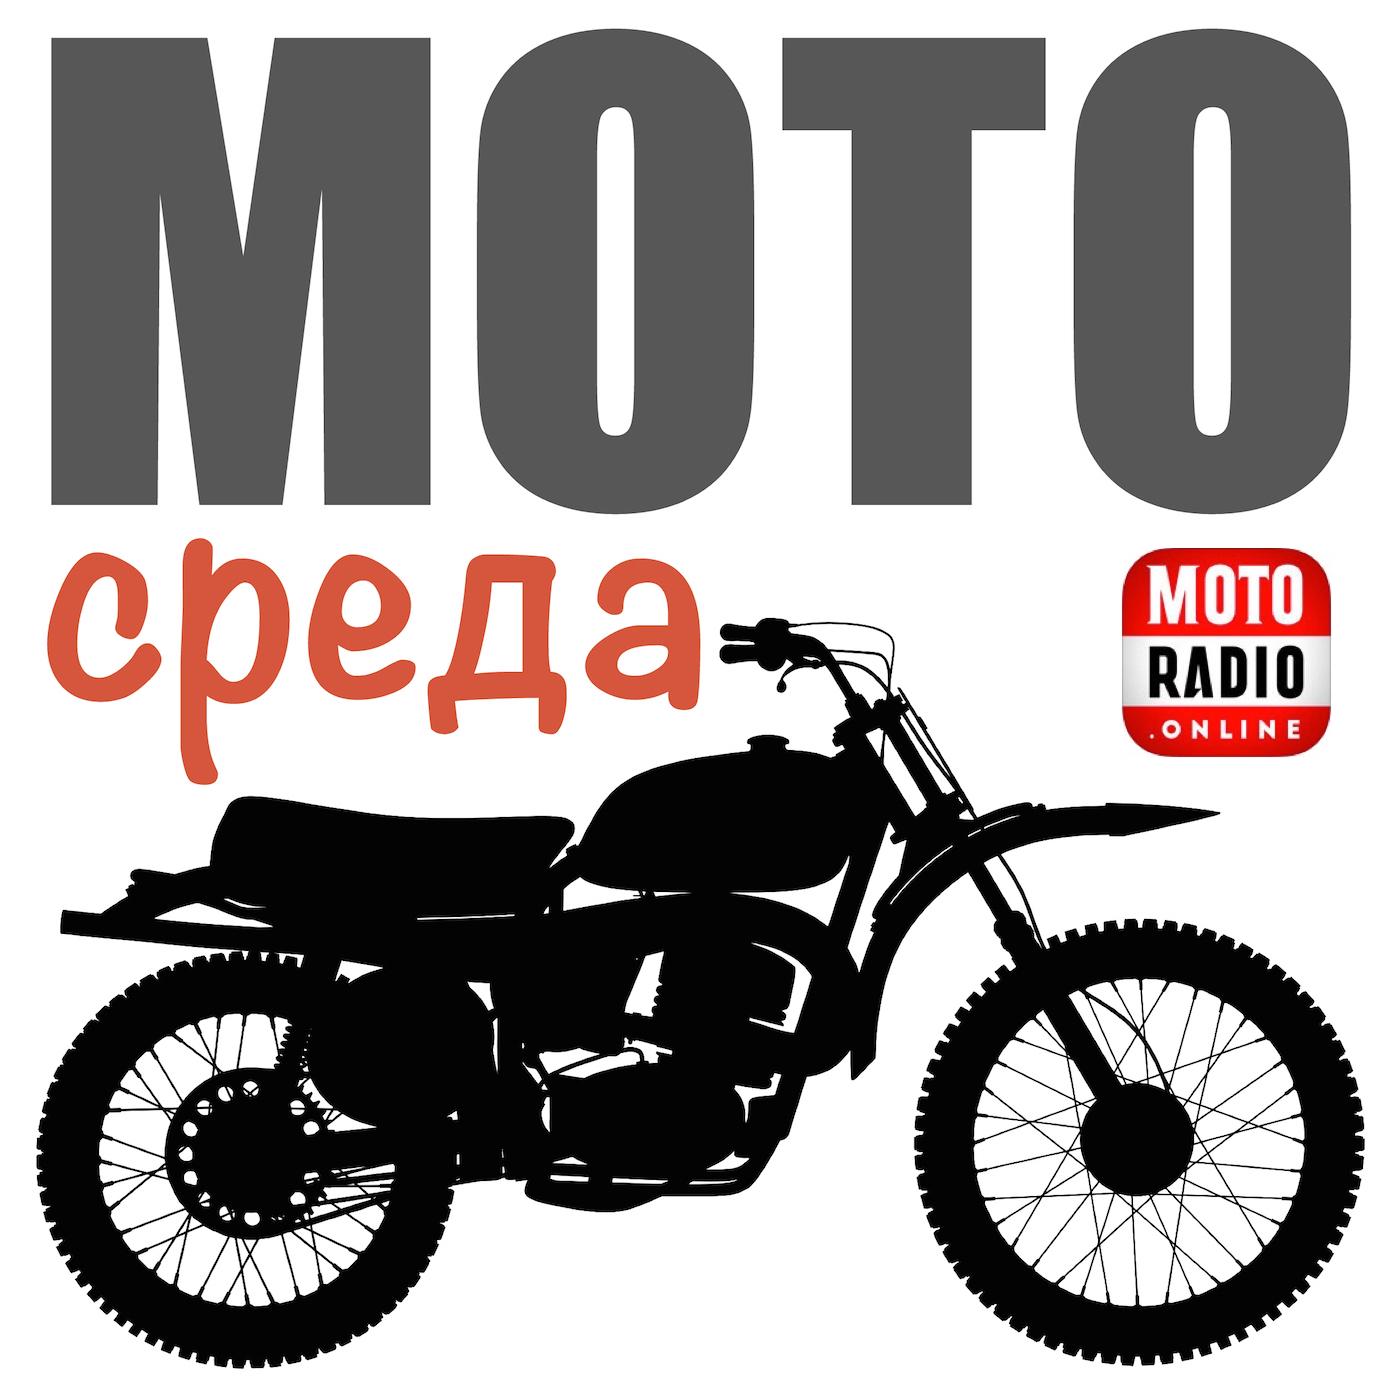 Мотоциклисты мото-клуба Werewolf, Егор и Ирек рассказали о предстоящем фестивале клуба в Сестрорецке фото